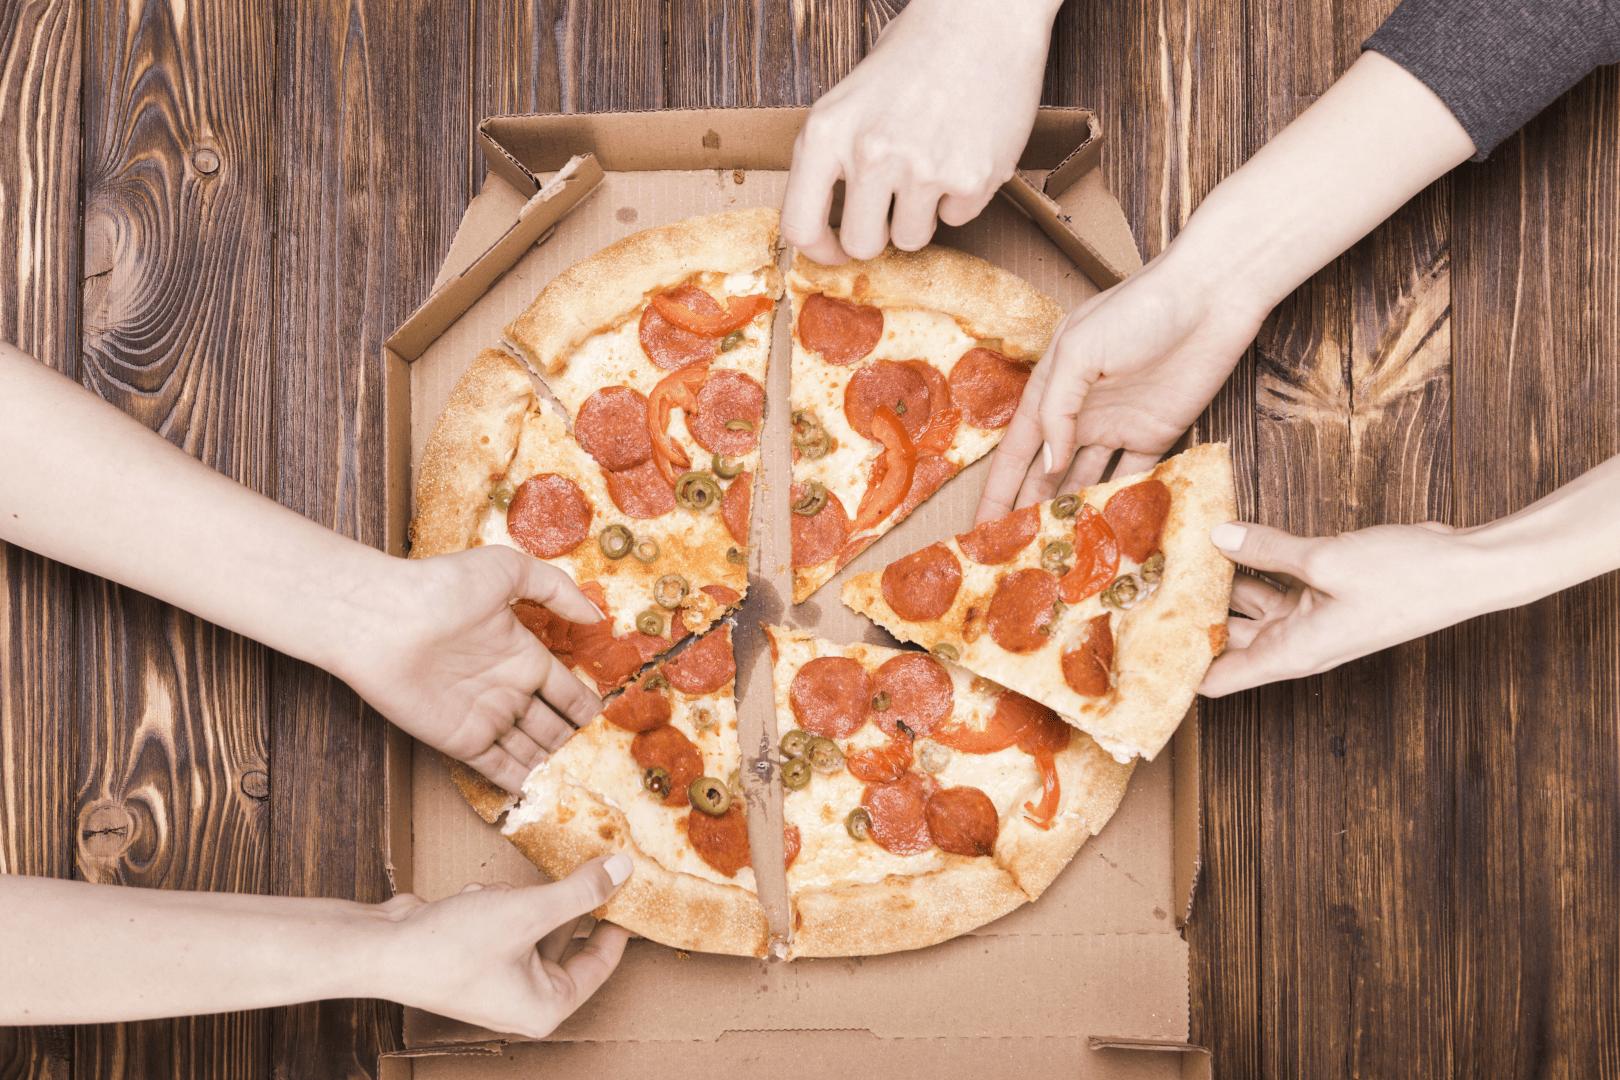 intoxicacao alimentar pessoas pegando um pedaço de pizza com as maos